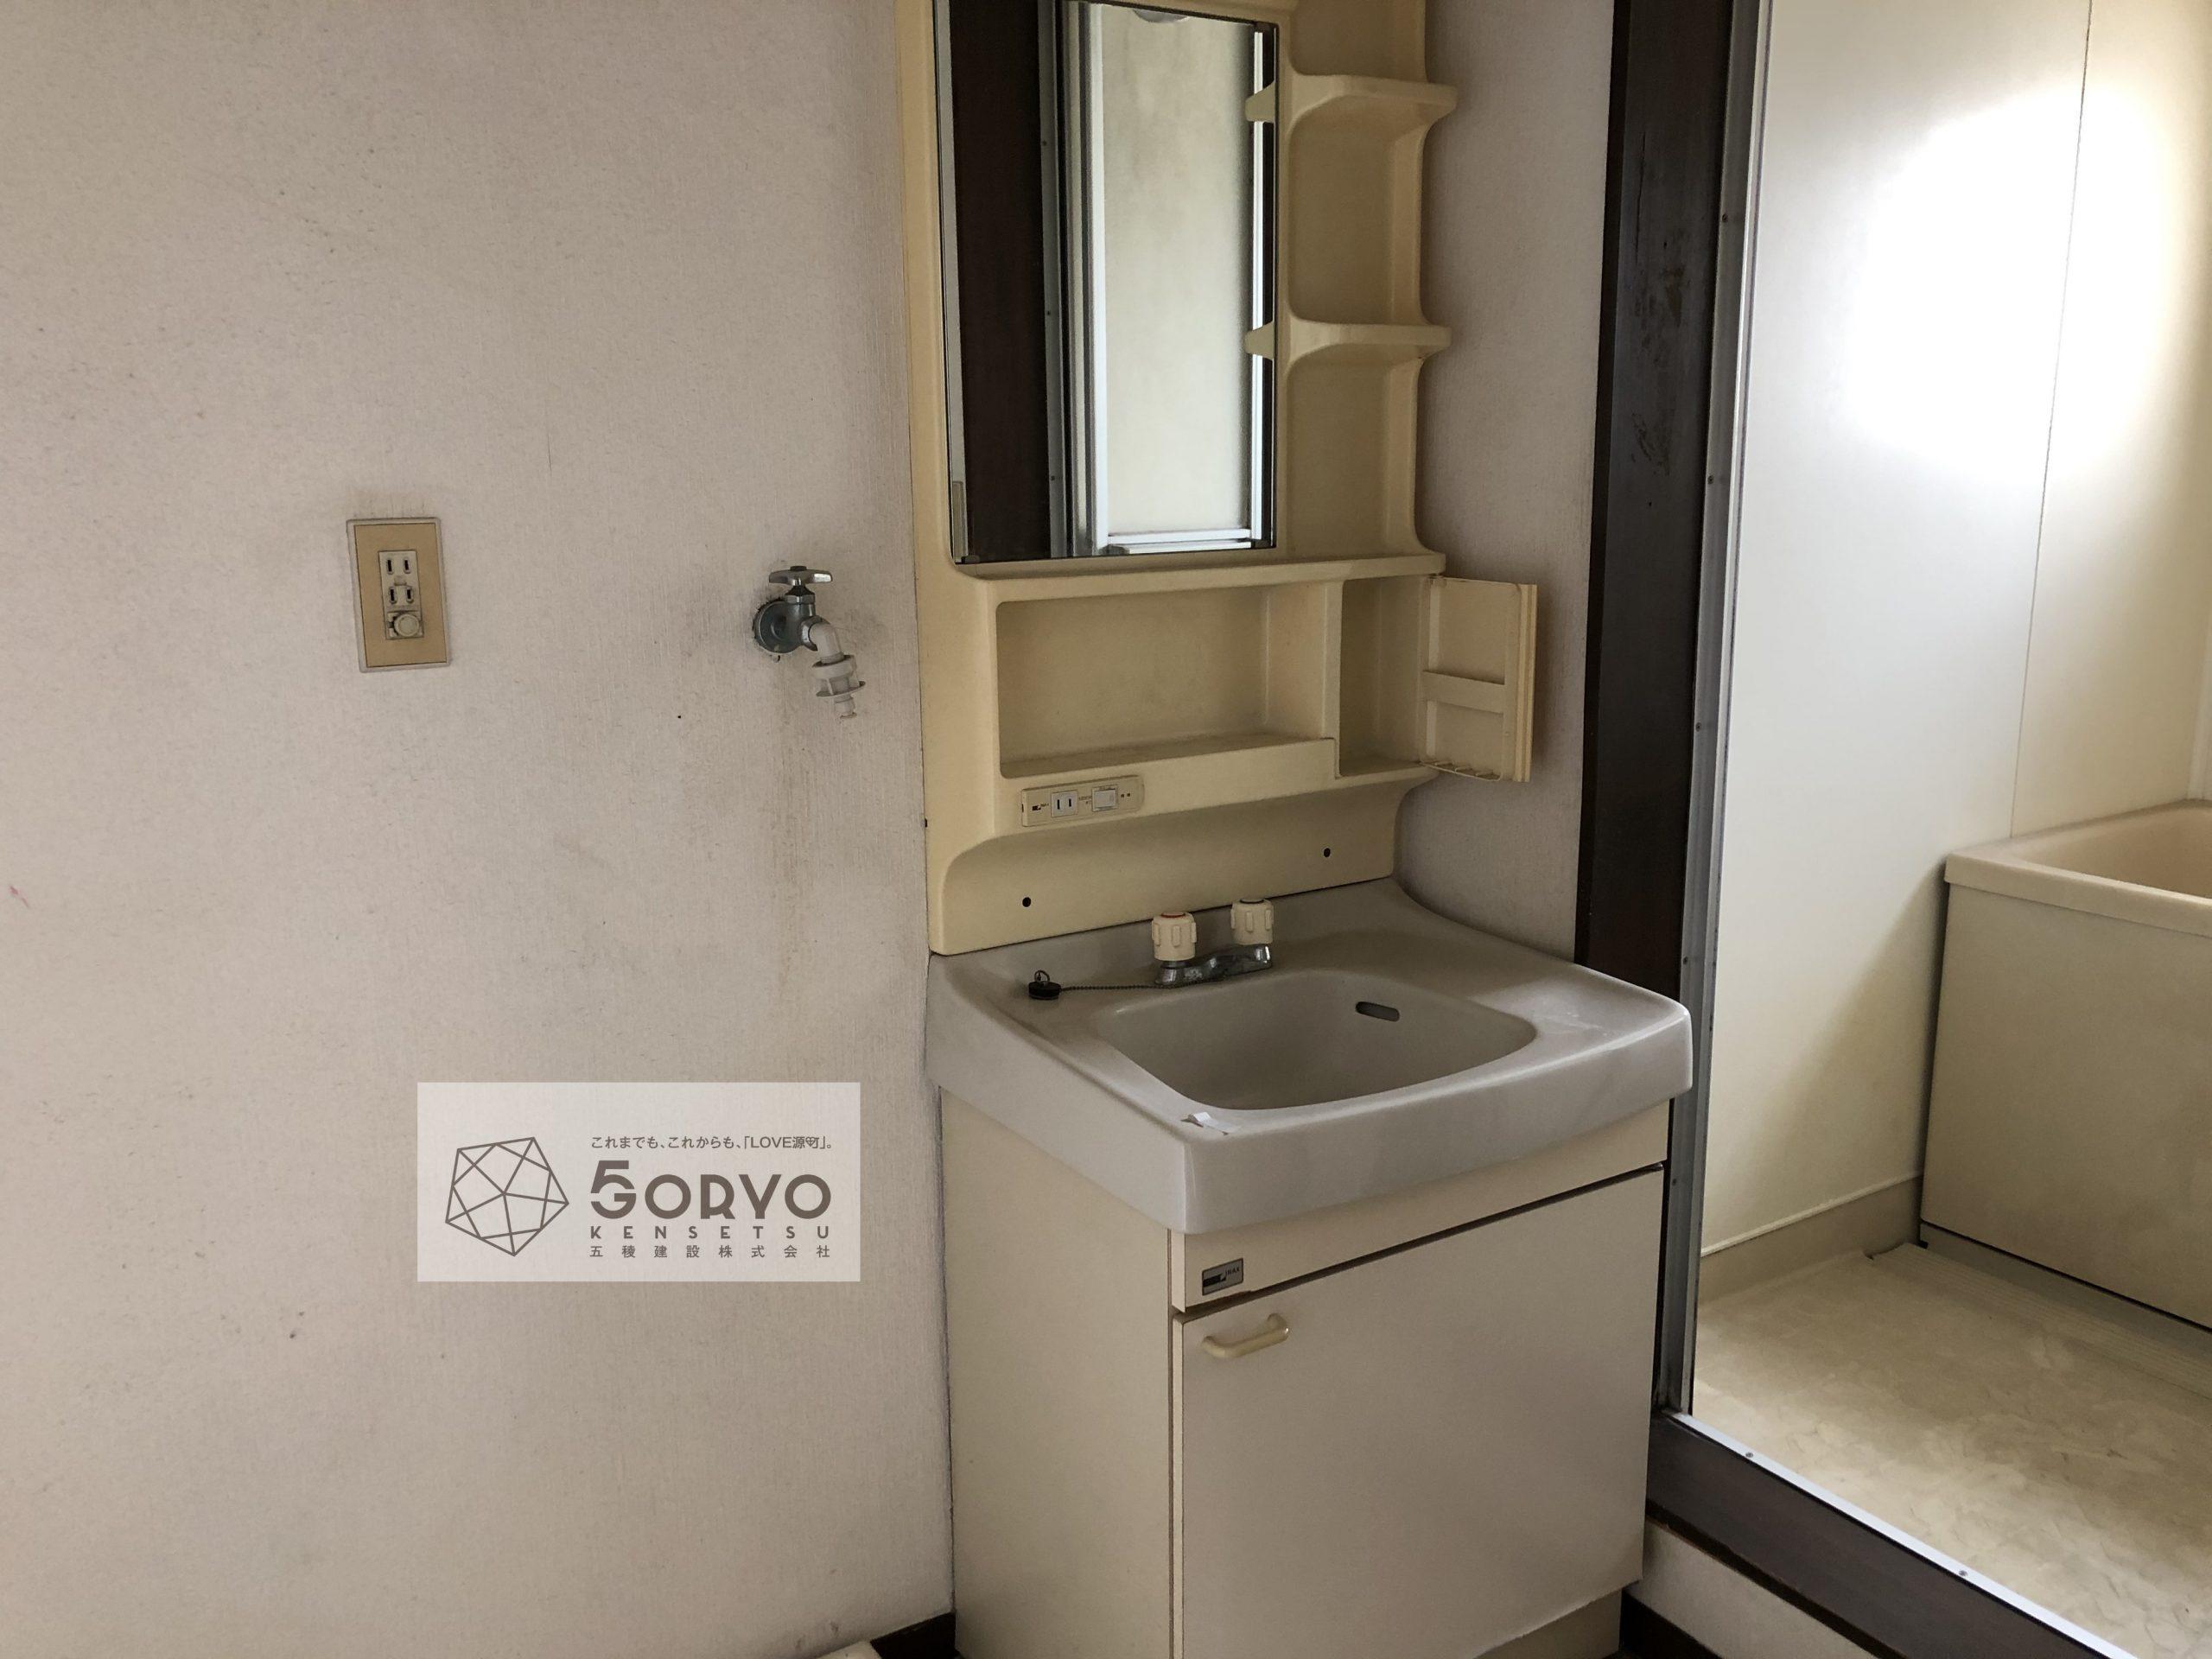 千葉市若葉区 洗面所の交換リフォーム:施工前